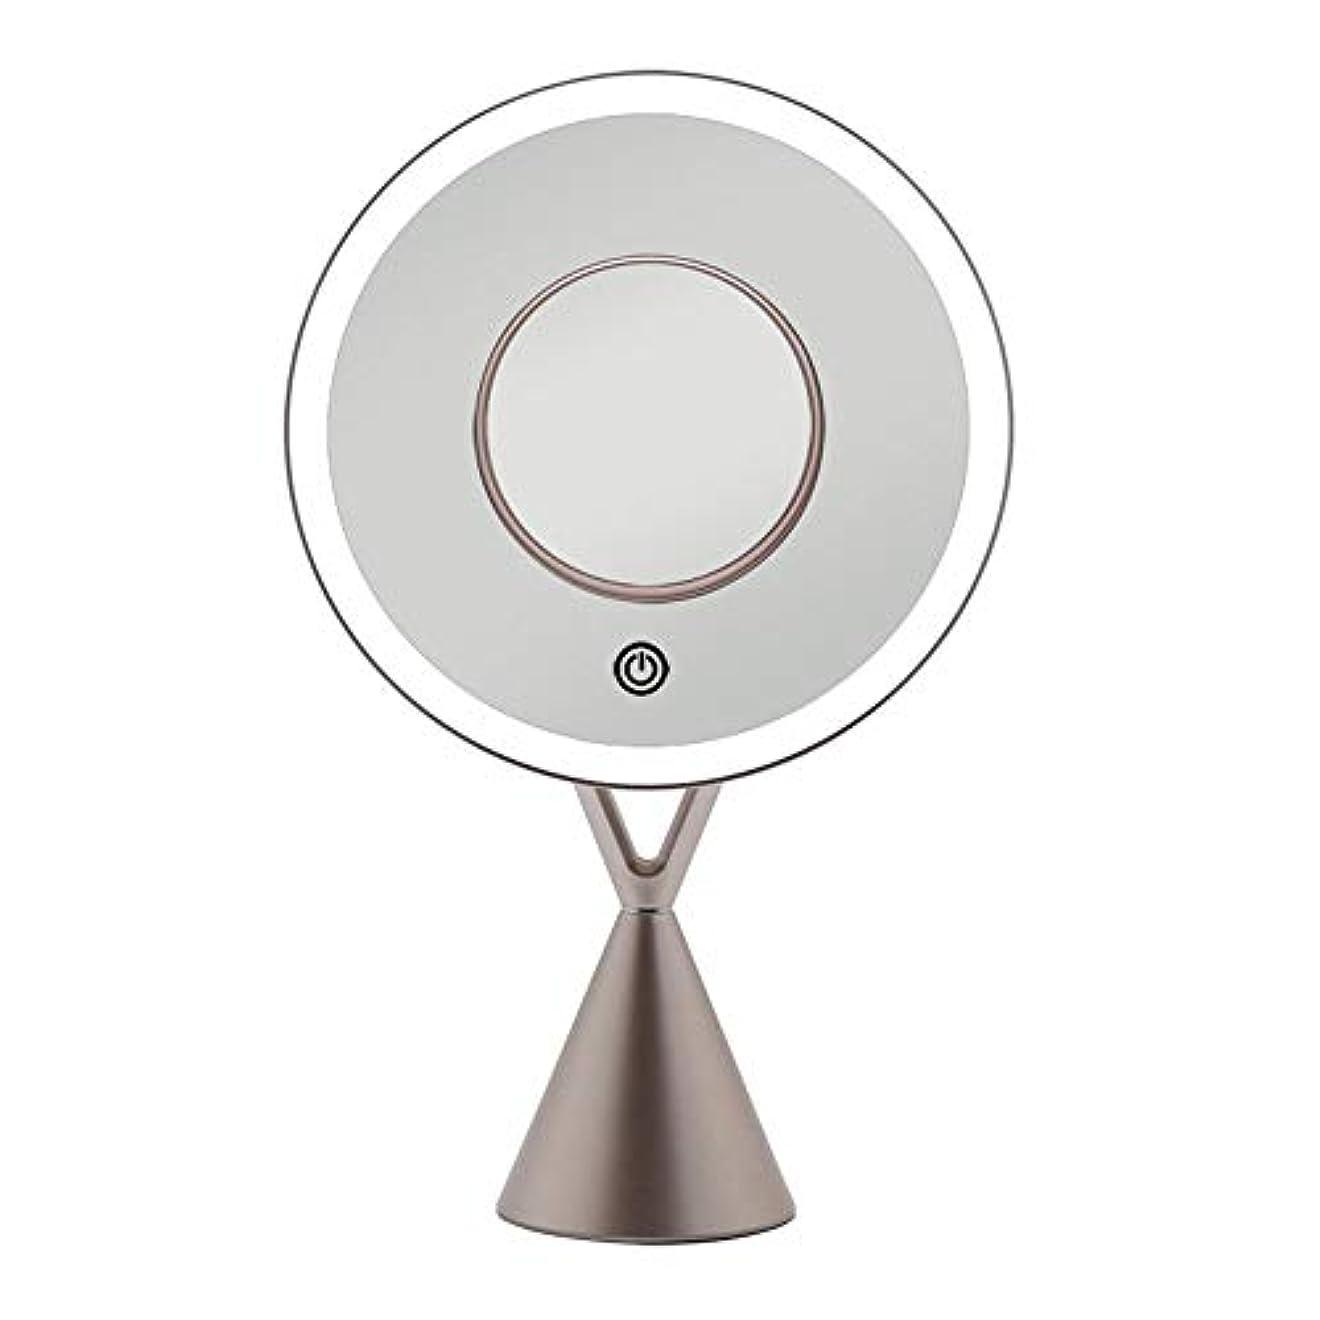 仮定匿名水星流行の LEDフィルライトデスクトップミラー5倍磁気吸引拡大鏡45度自由調整ローズゴールドギフト